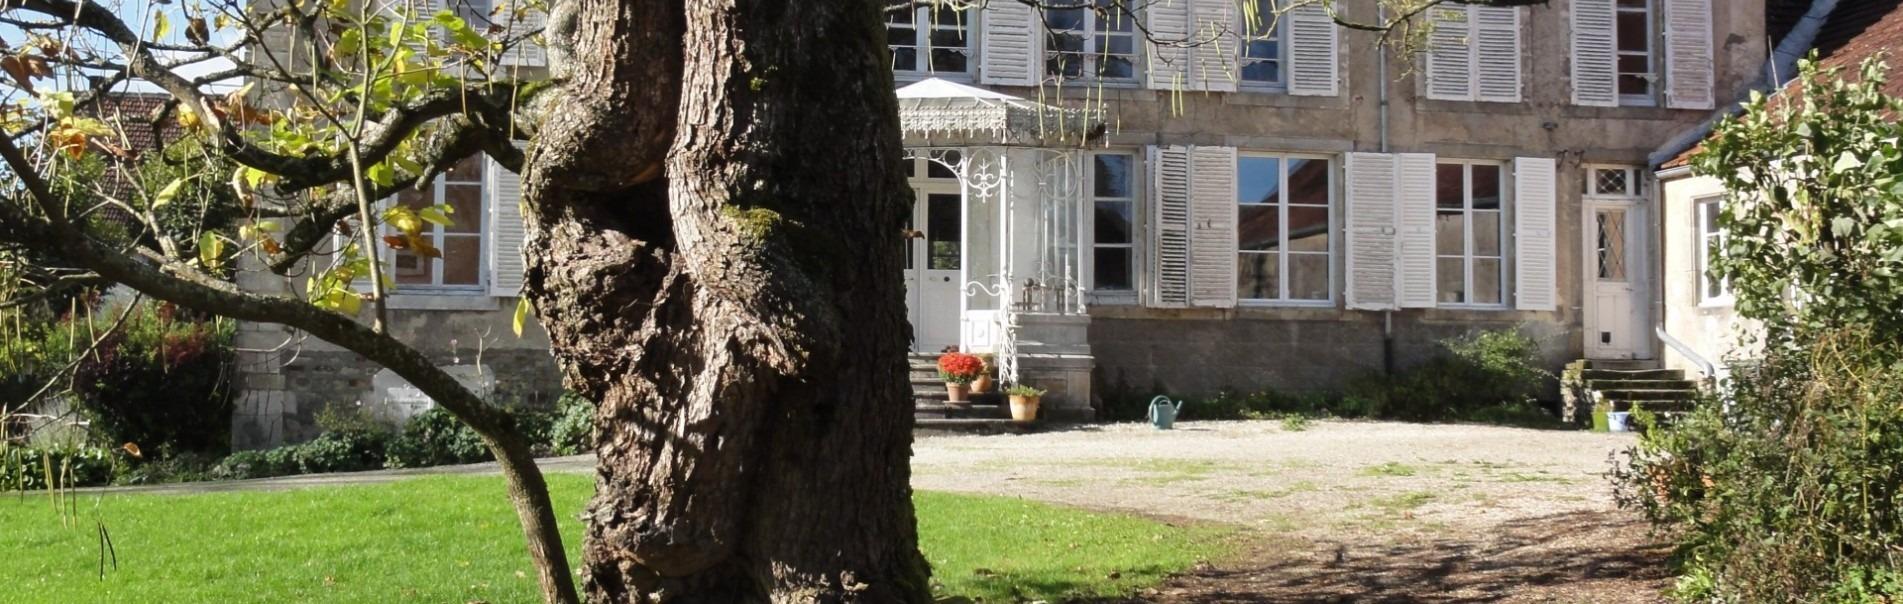 frans landhuis met serre en een oude catalpa